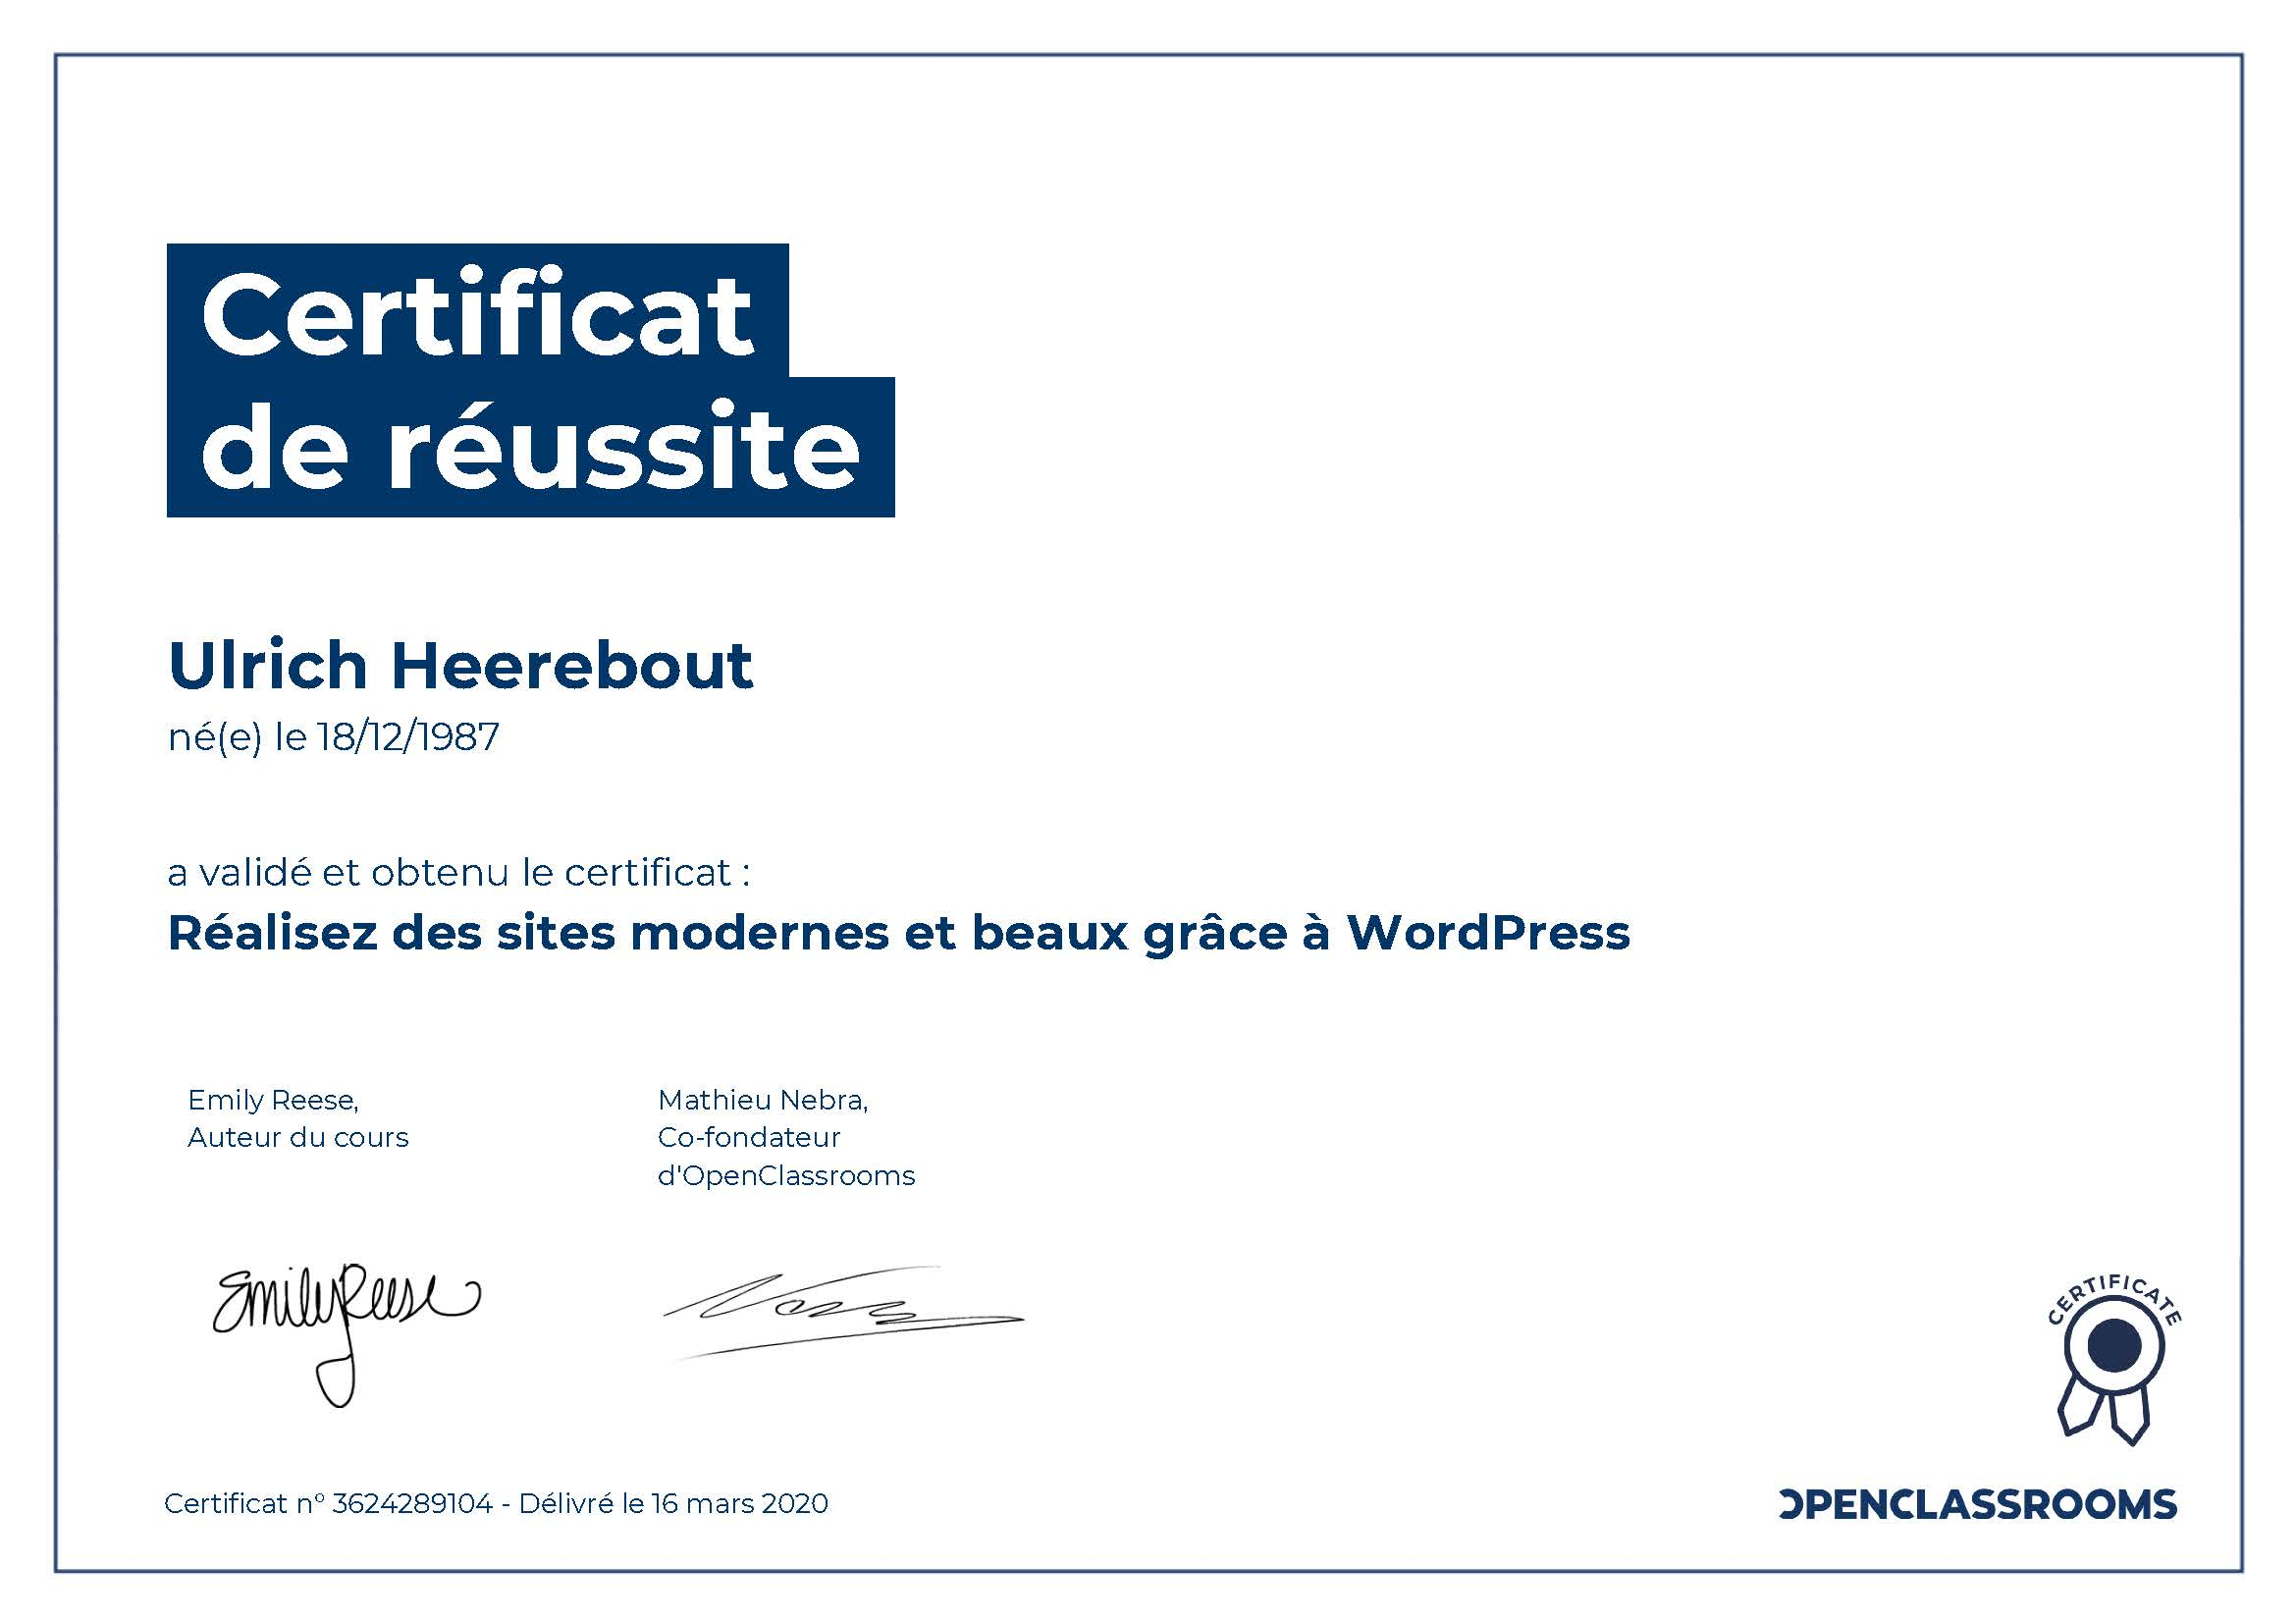 Certificat de réussite : Réalisez des sites modernes et beaux grâce à WordPress